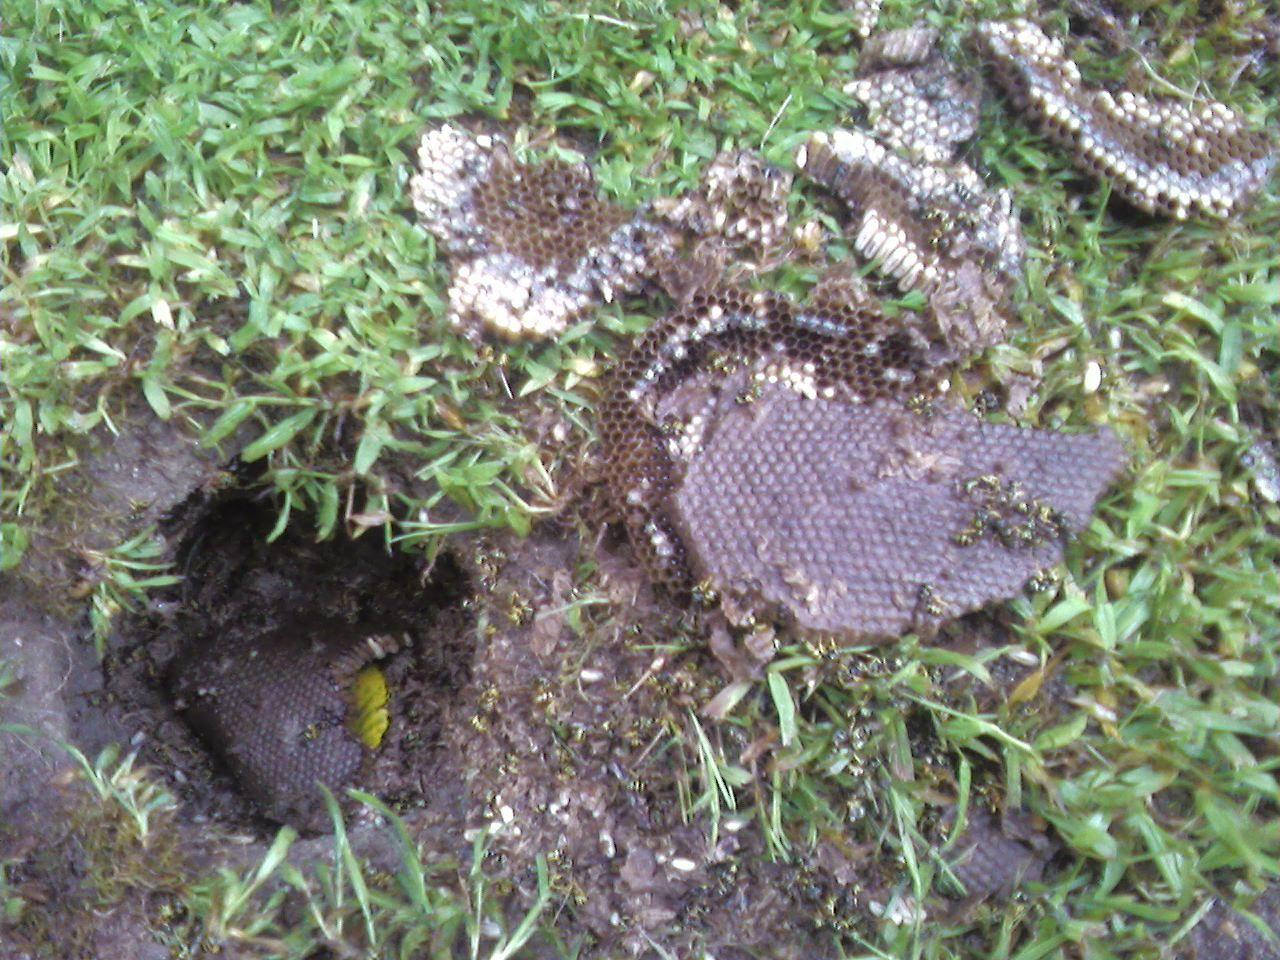 Kill yellow jackets in the ground - Kill Yellow Jackets In The Ground 7